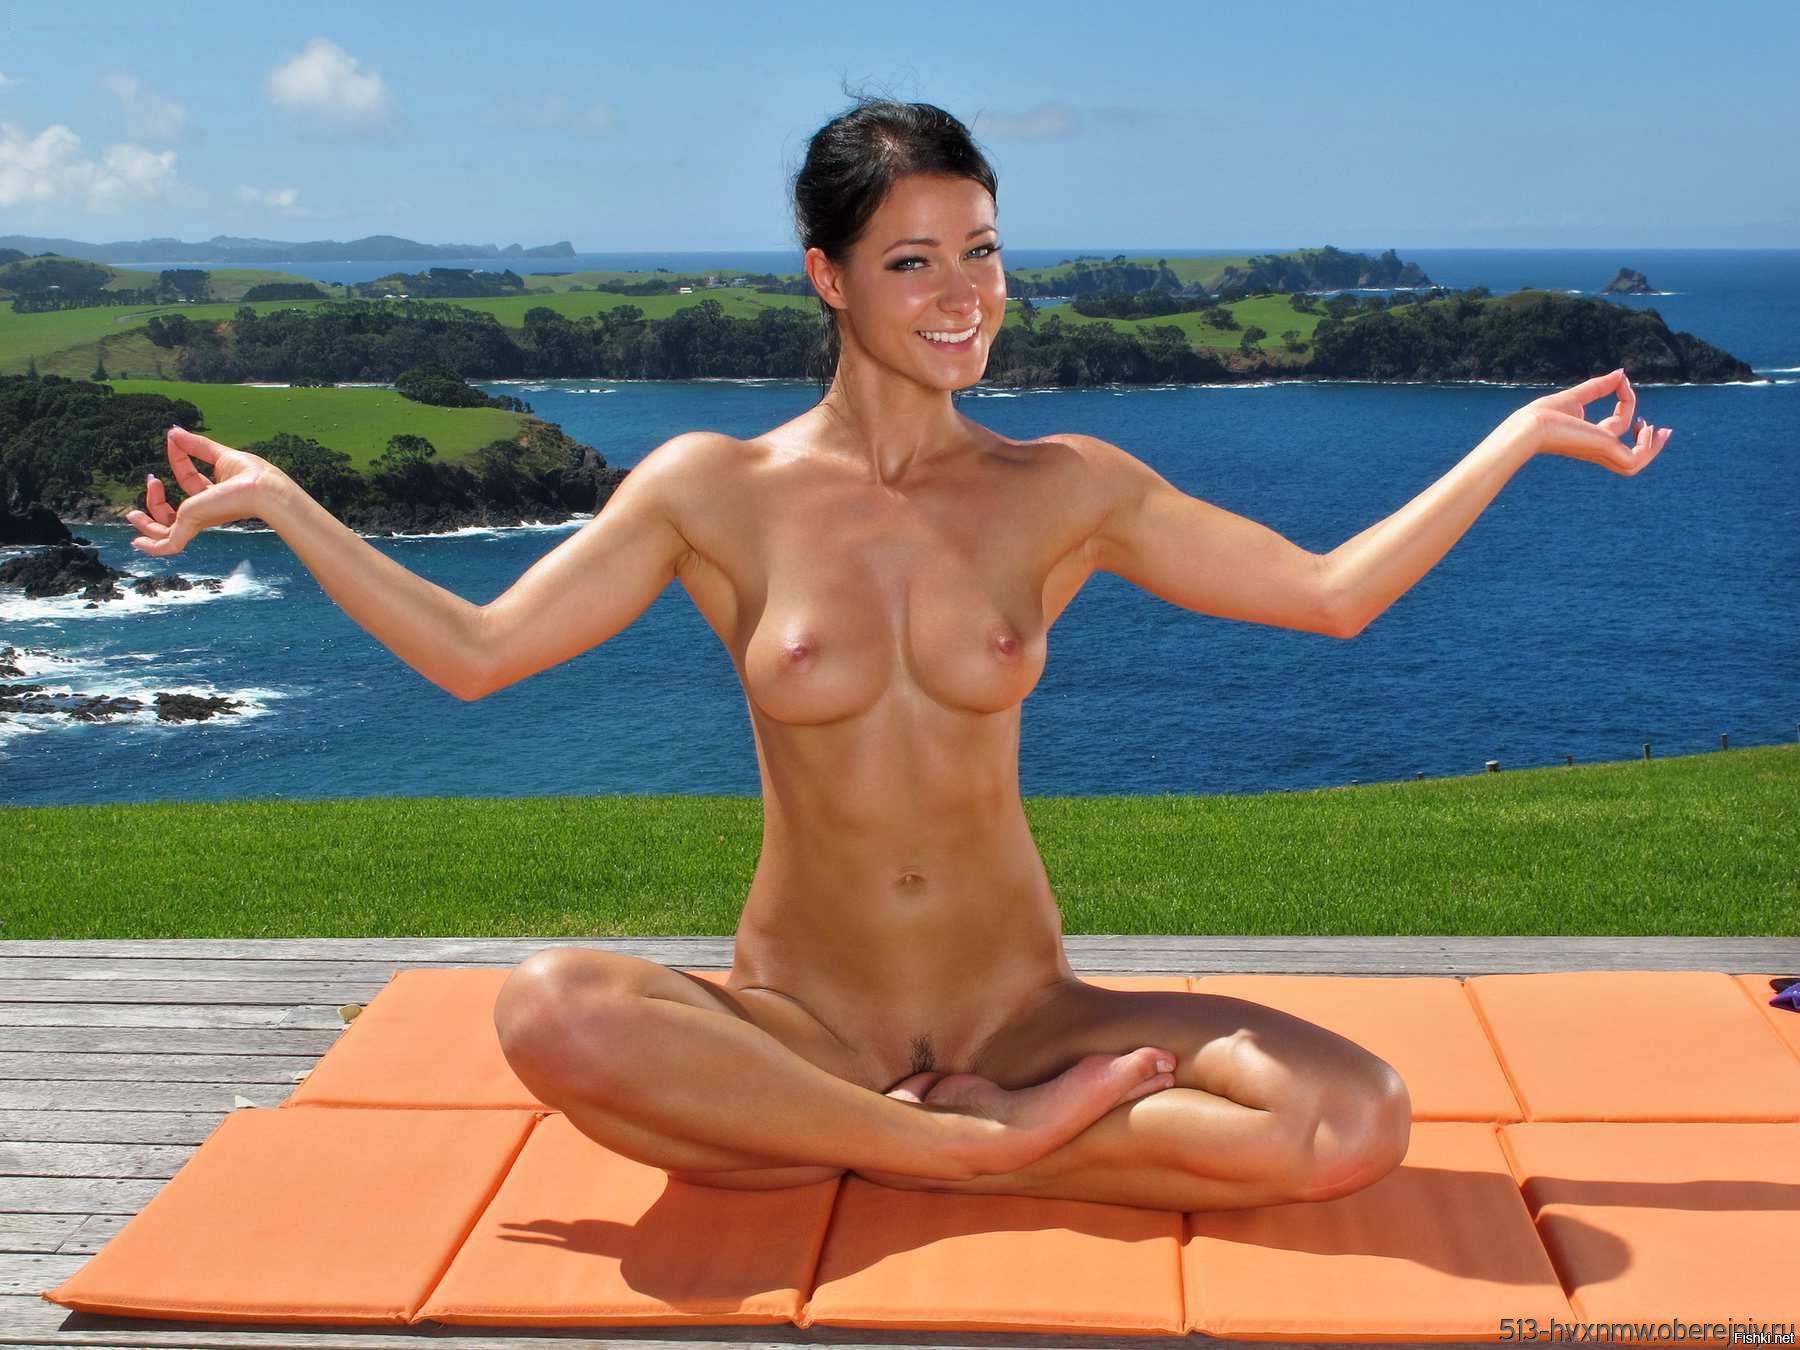 голая йога онлайн девушки видео мне определенно